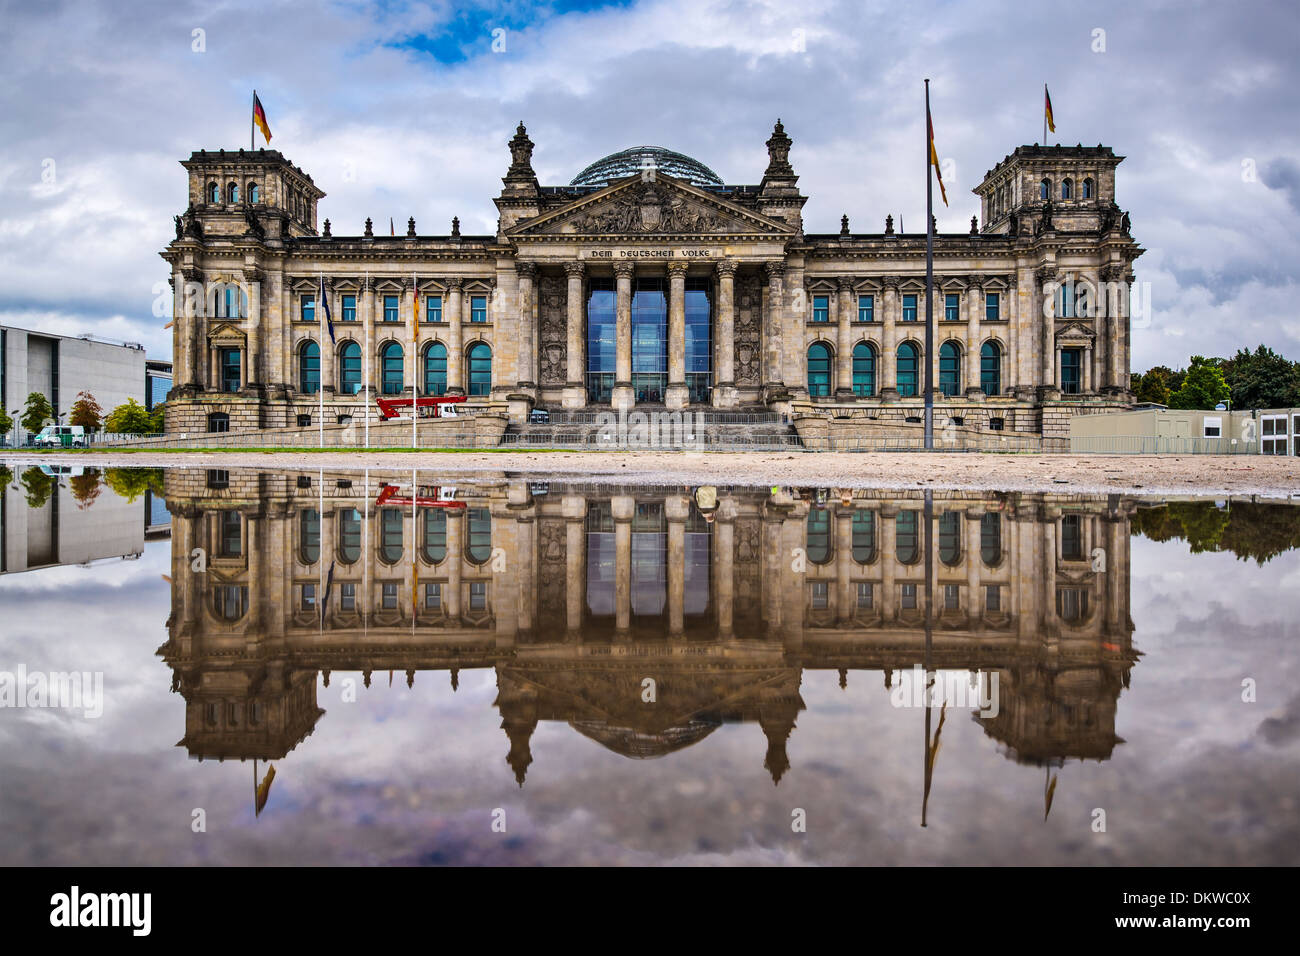 El edificio del parlamento Reichstag alemán en Berlín, Alemania. Imagen De Stock